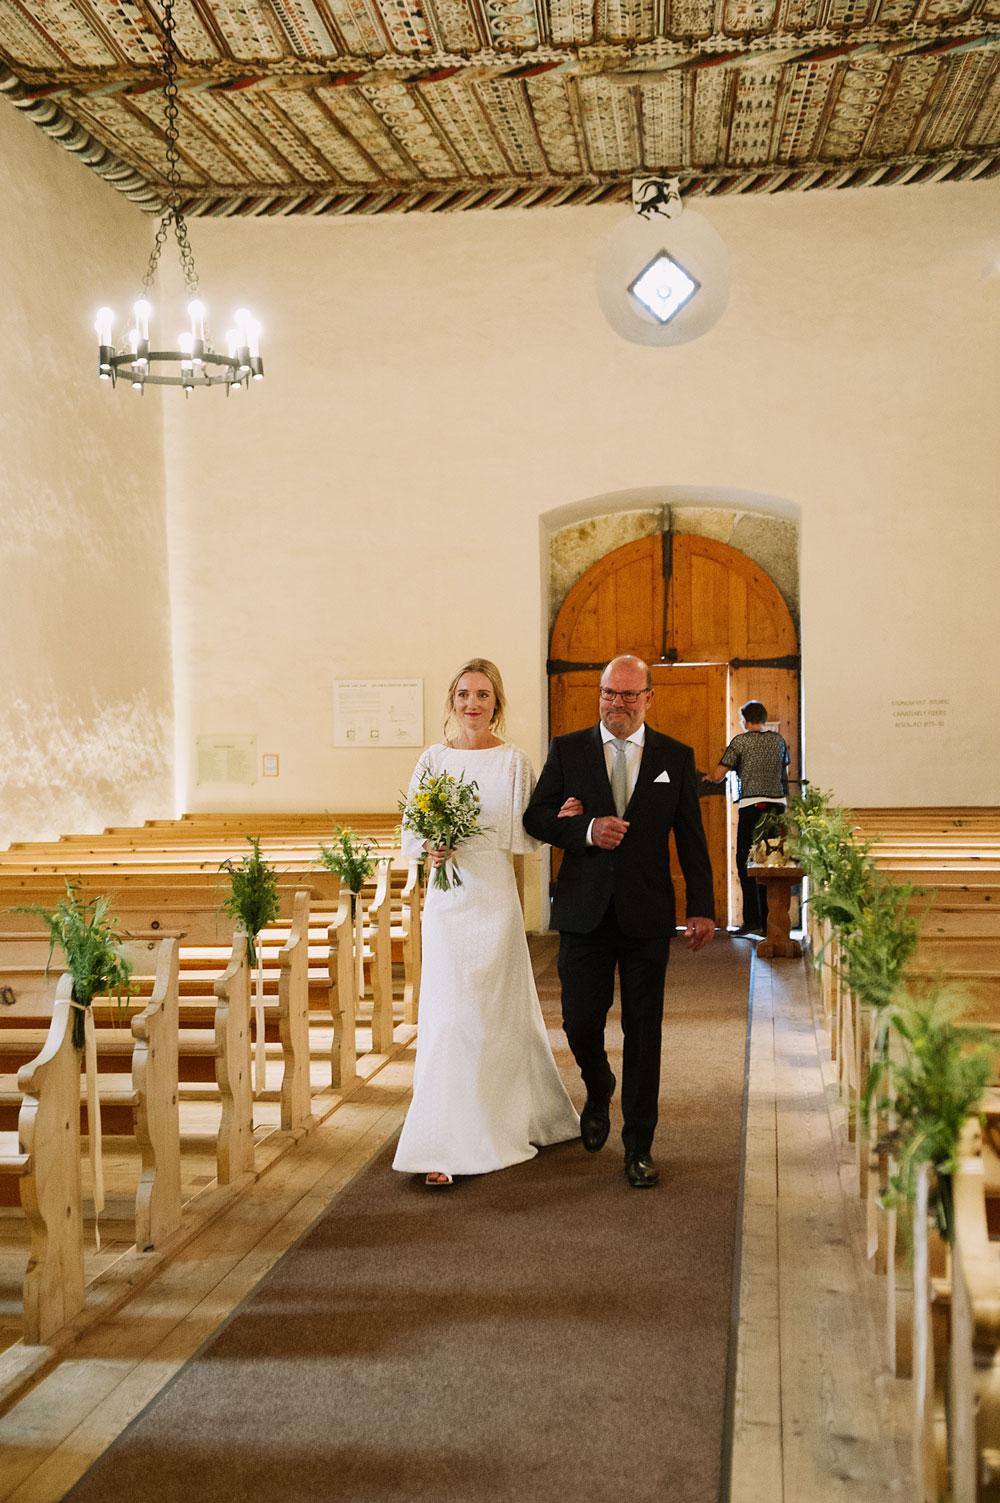 wedding_photographer_celerina_104.jpg